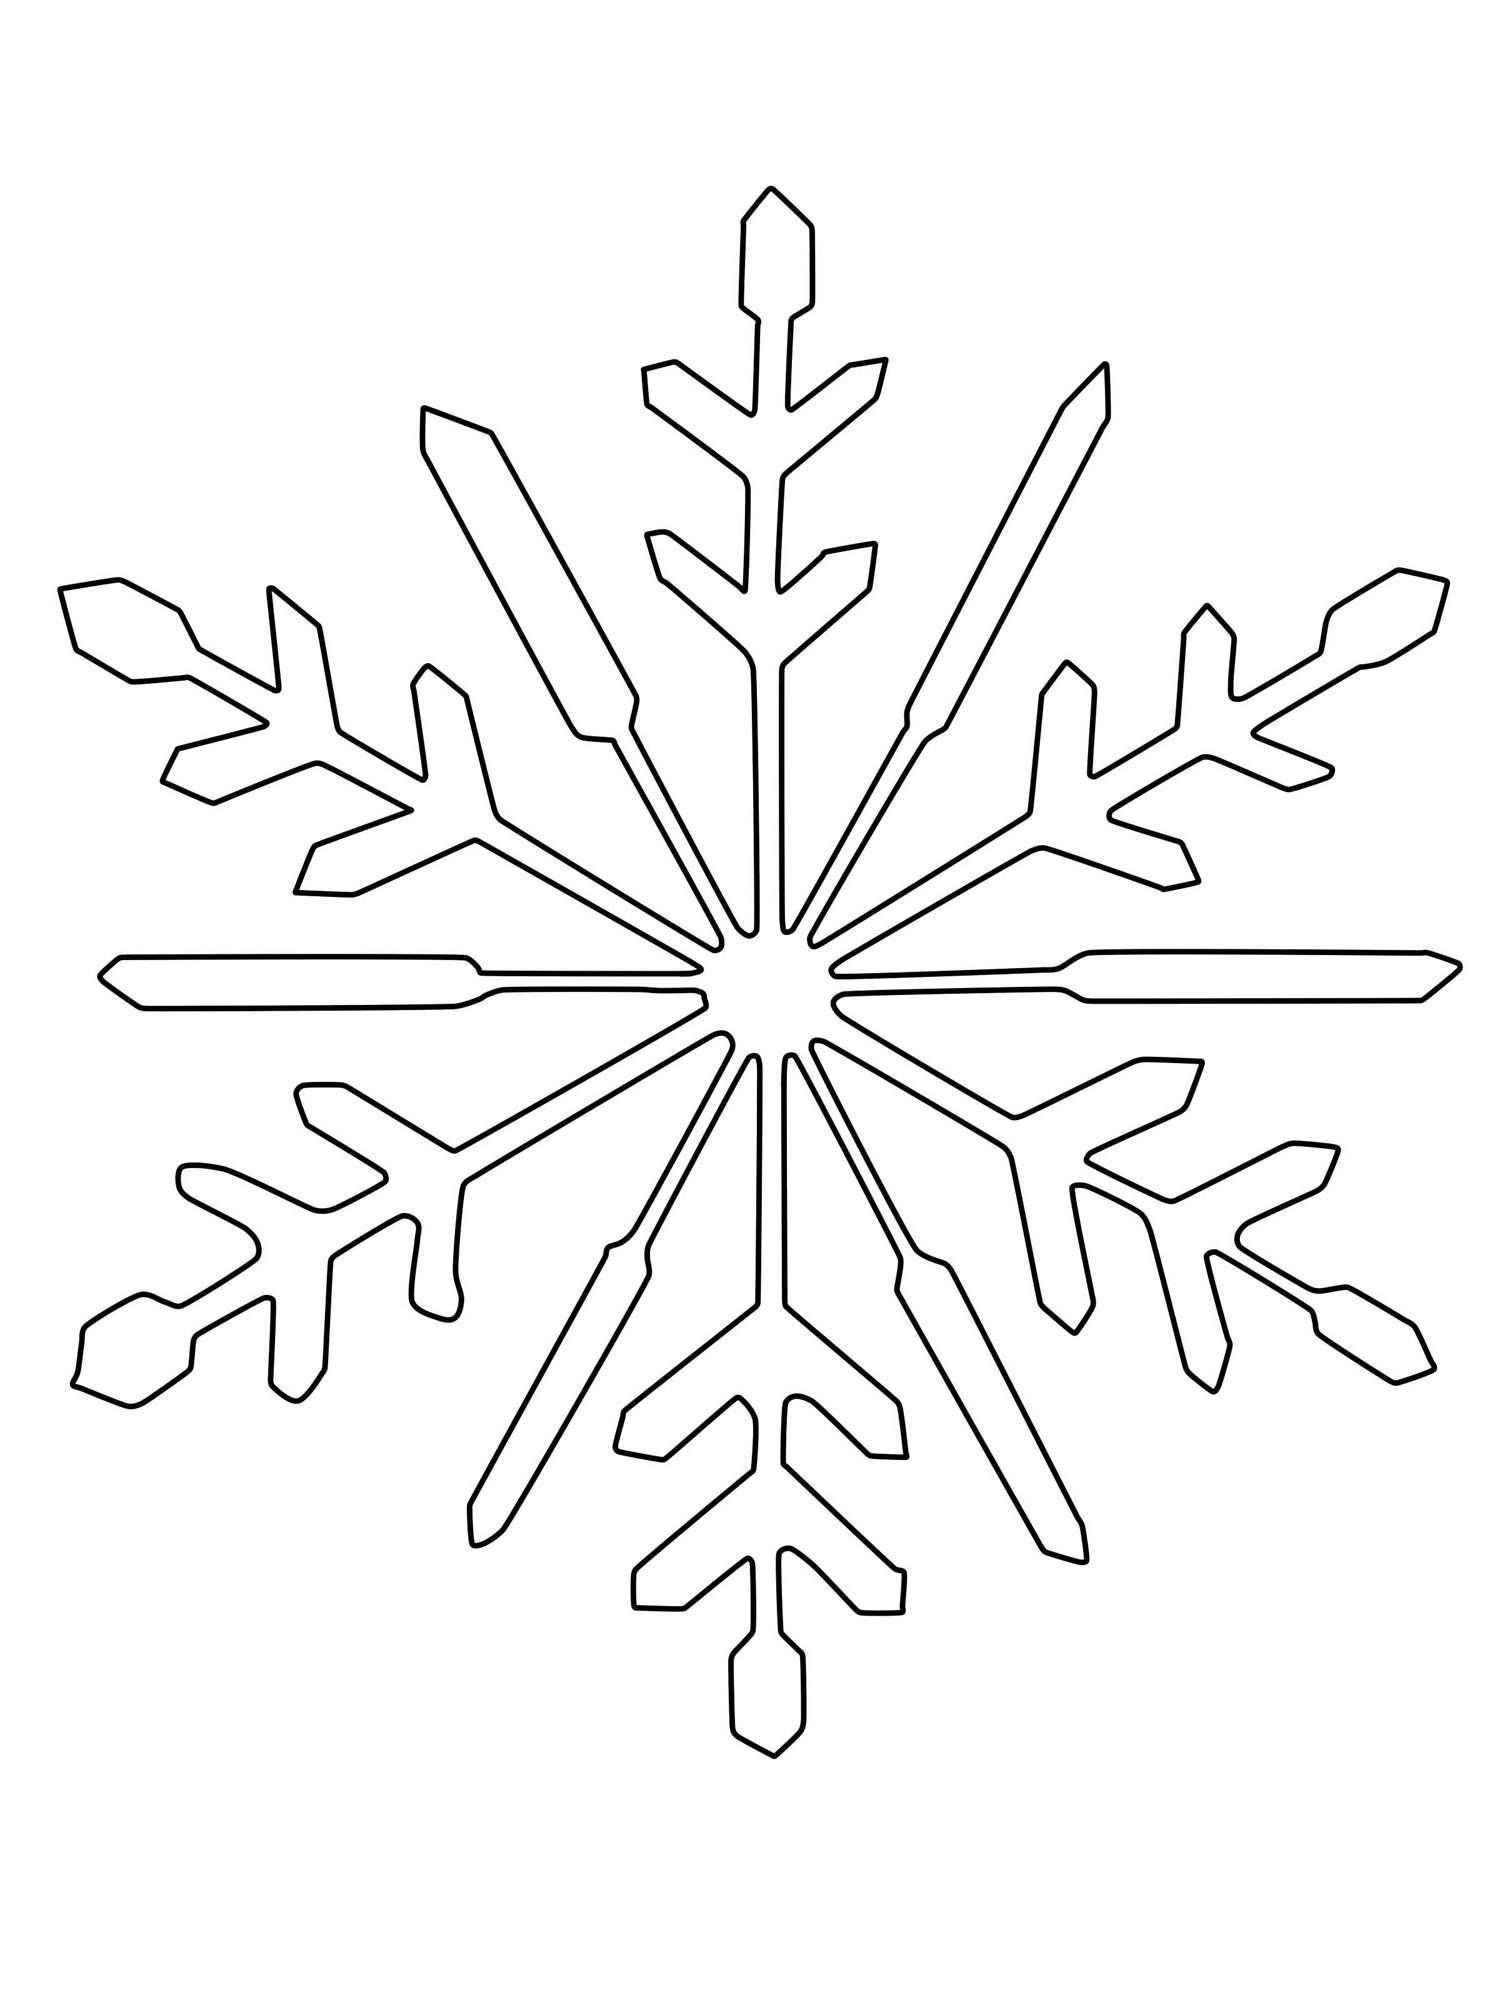 Schneeflockchen Weissrockchen Wann Kommst Du Geschneit Malen Sie Mit Ihrem Kind An Kalten W Schneeflocke Schablone Schneeflocke Vorlage Schneeflocken Basteln